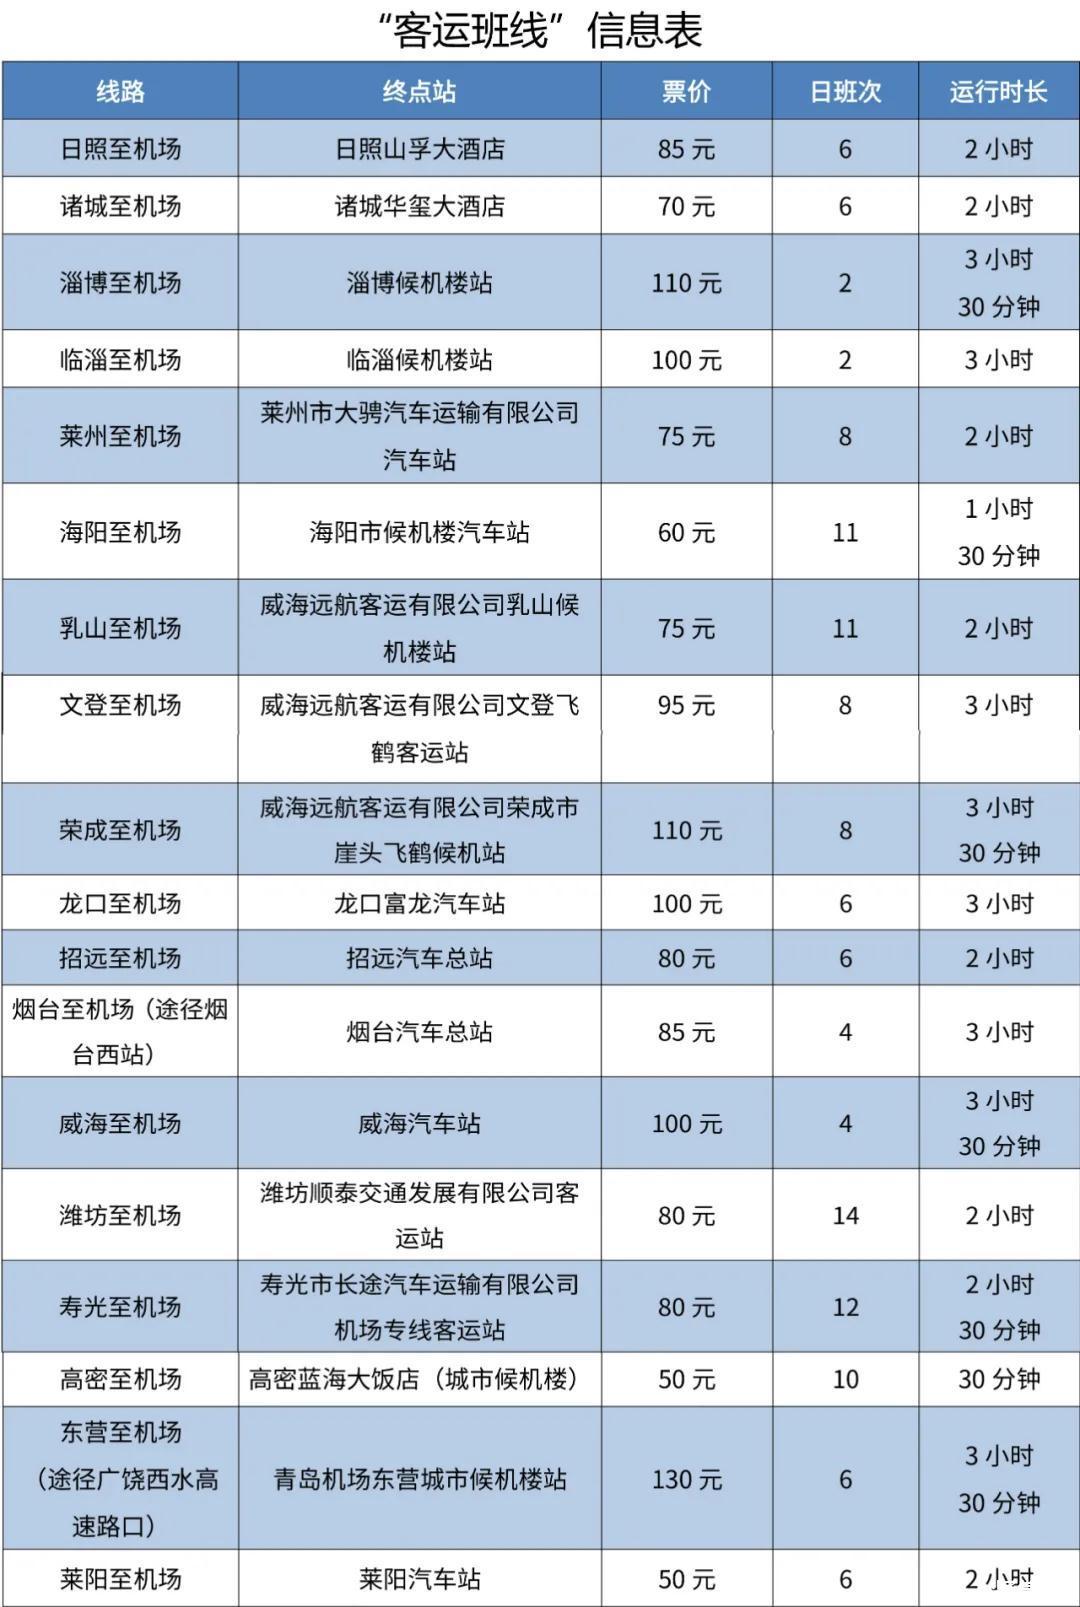 青岛胶东国际机场什么时候使用,青岛胶东机场交通攻略与自驾路线